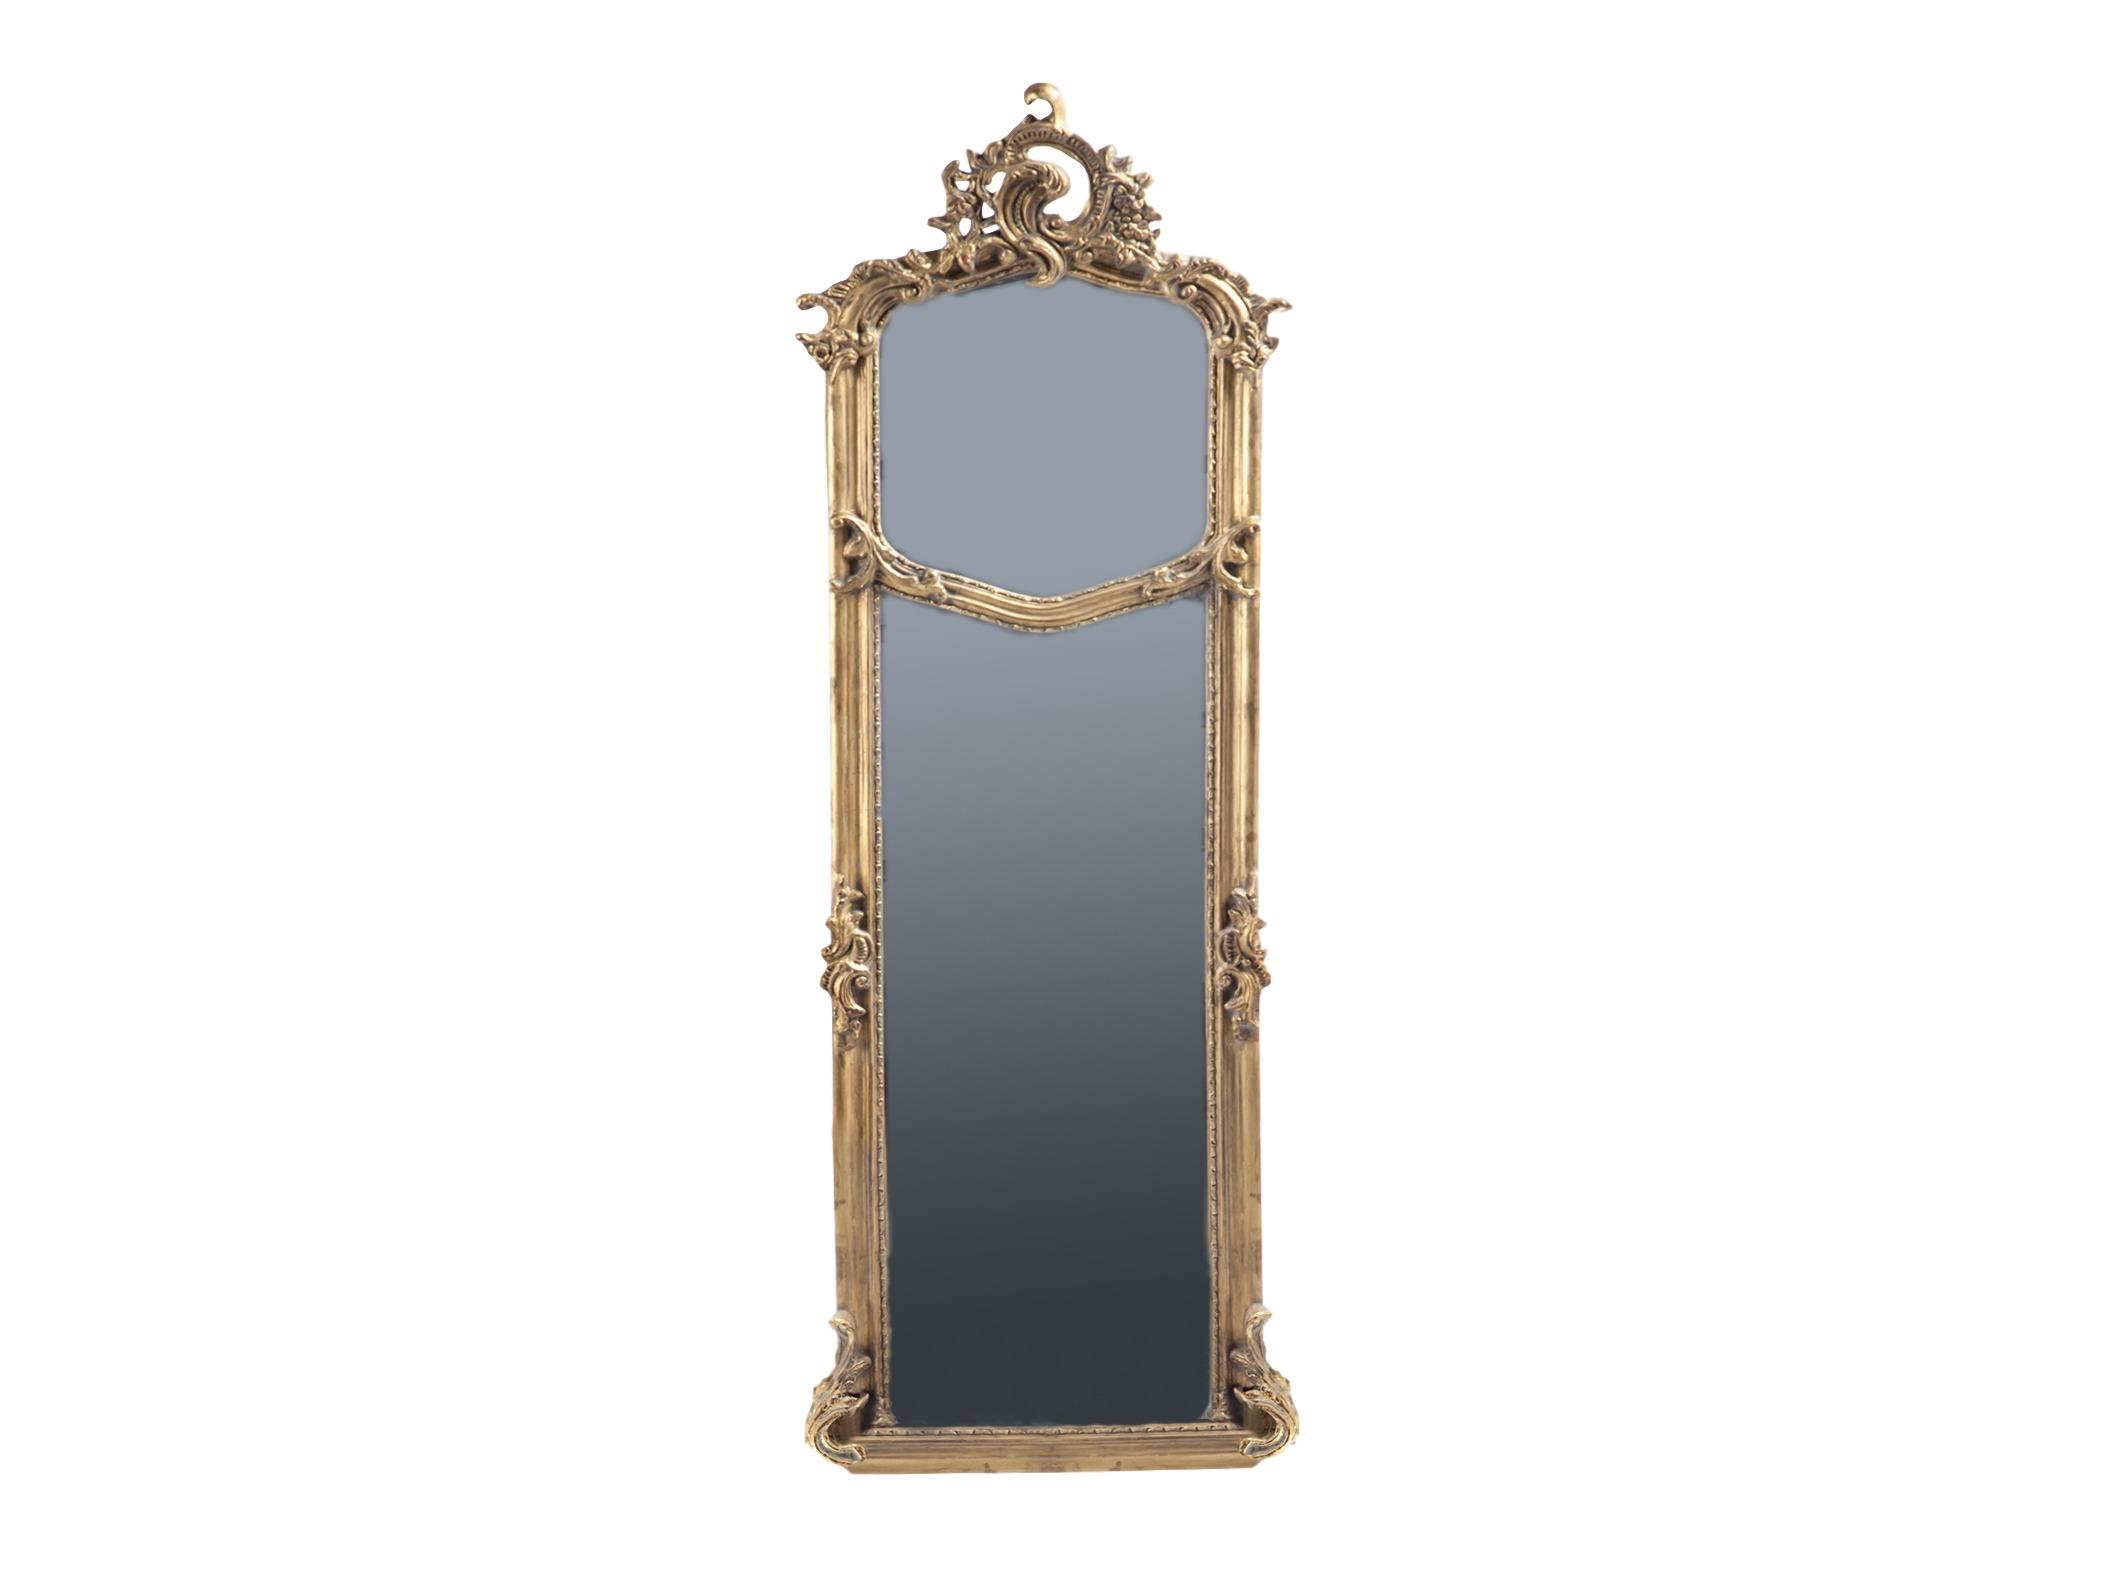 ЗеркалоНастенные зеркала<br>Узкое зеркало в состаренной золотой раме из дерева,декорированной резьбой ручной работы и патиной.<br><br>Material: Дерево<br>Ширина см: 59<br>Высота см: 180